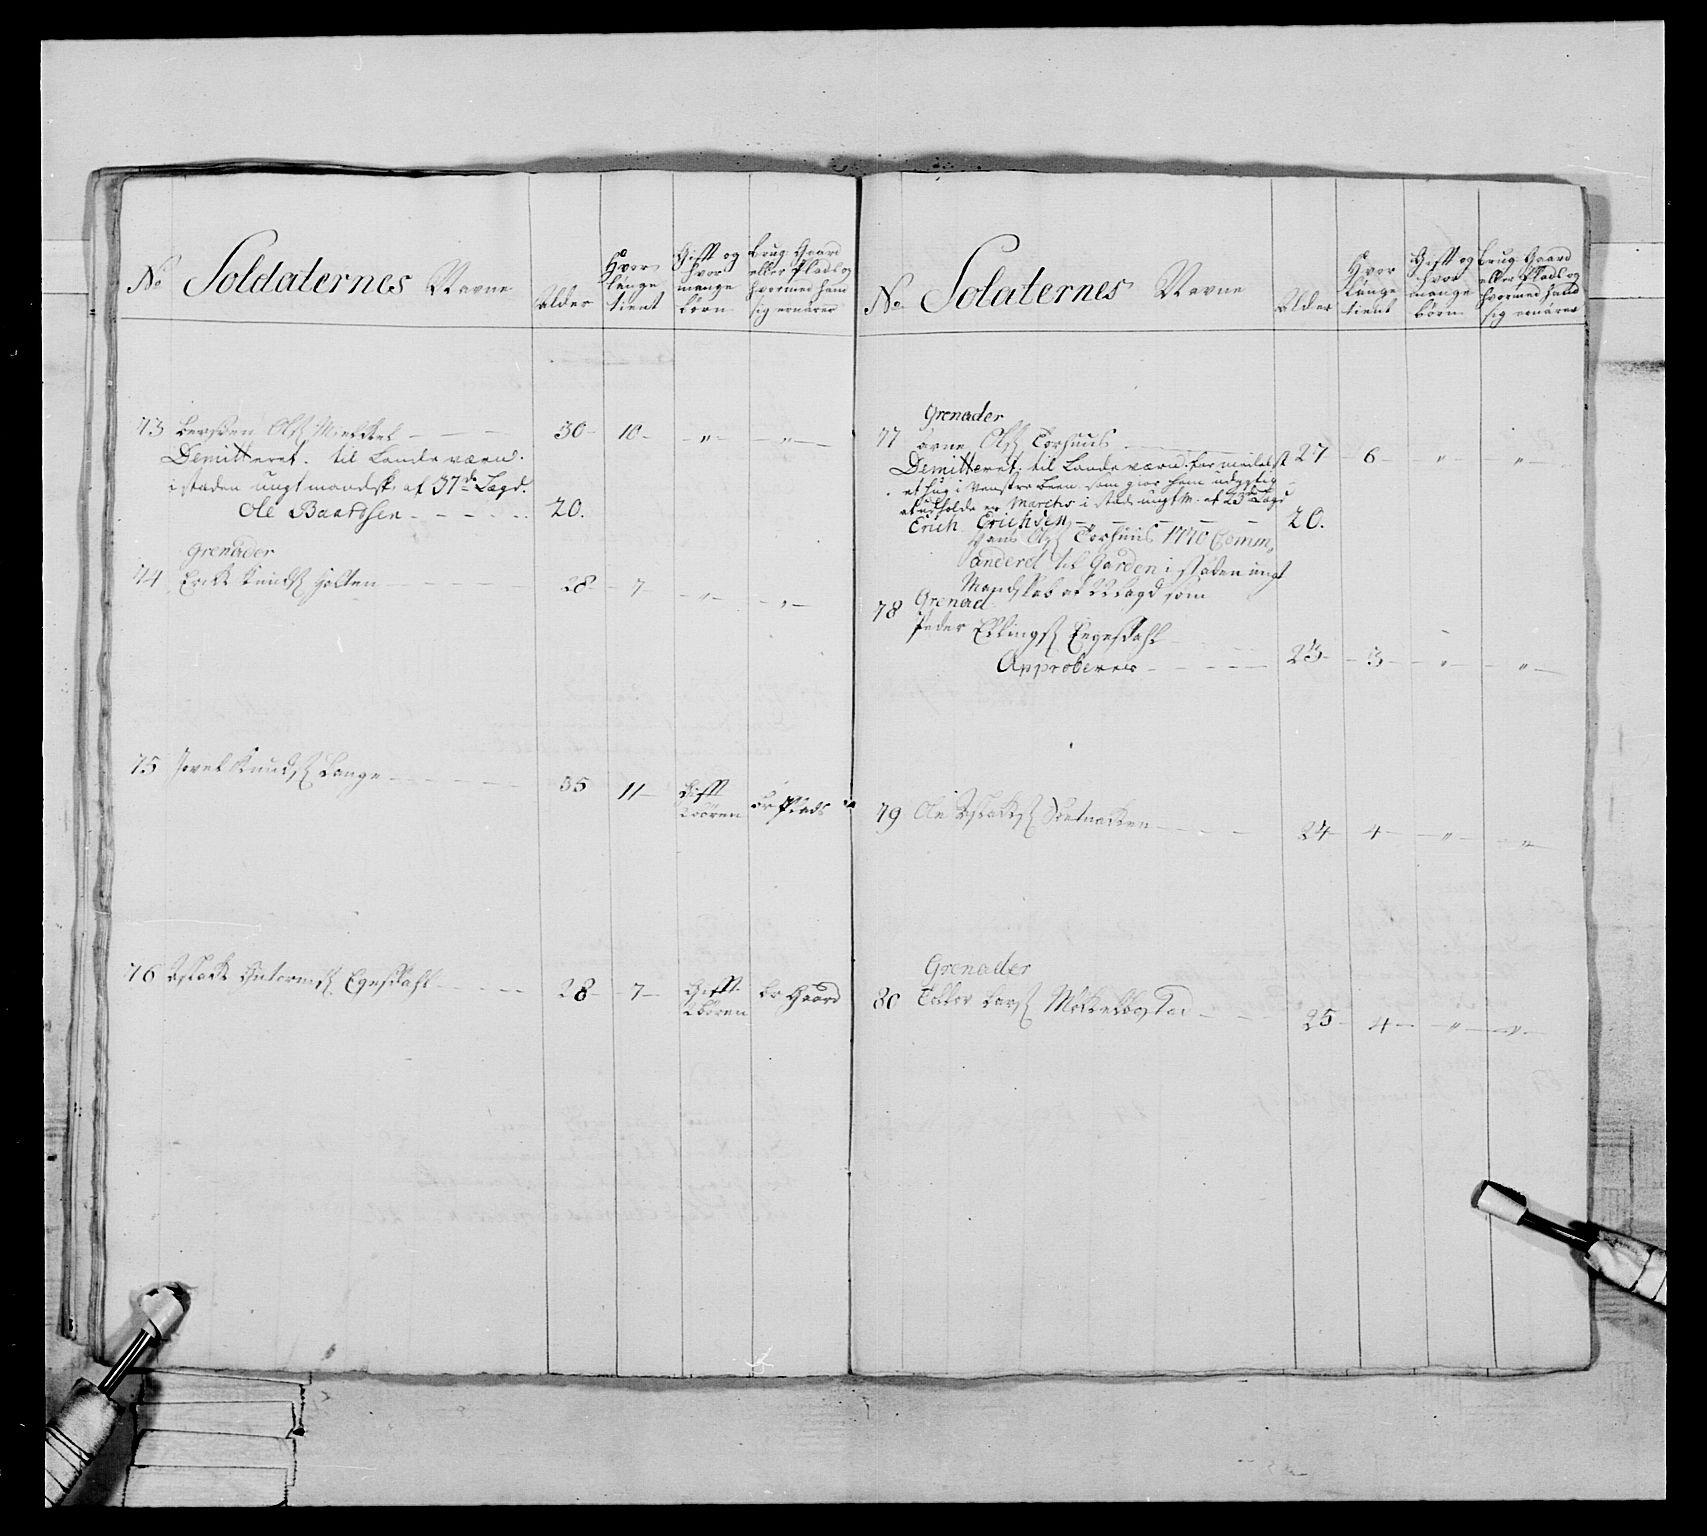 RA, Generalitets- og kommissariatskollegiet, Det kongelige norske kommissariatskollegium, E/Eh/L0076: 2. Trondheimske nasjonale infanteriregiment, 1766-1773, s. 271